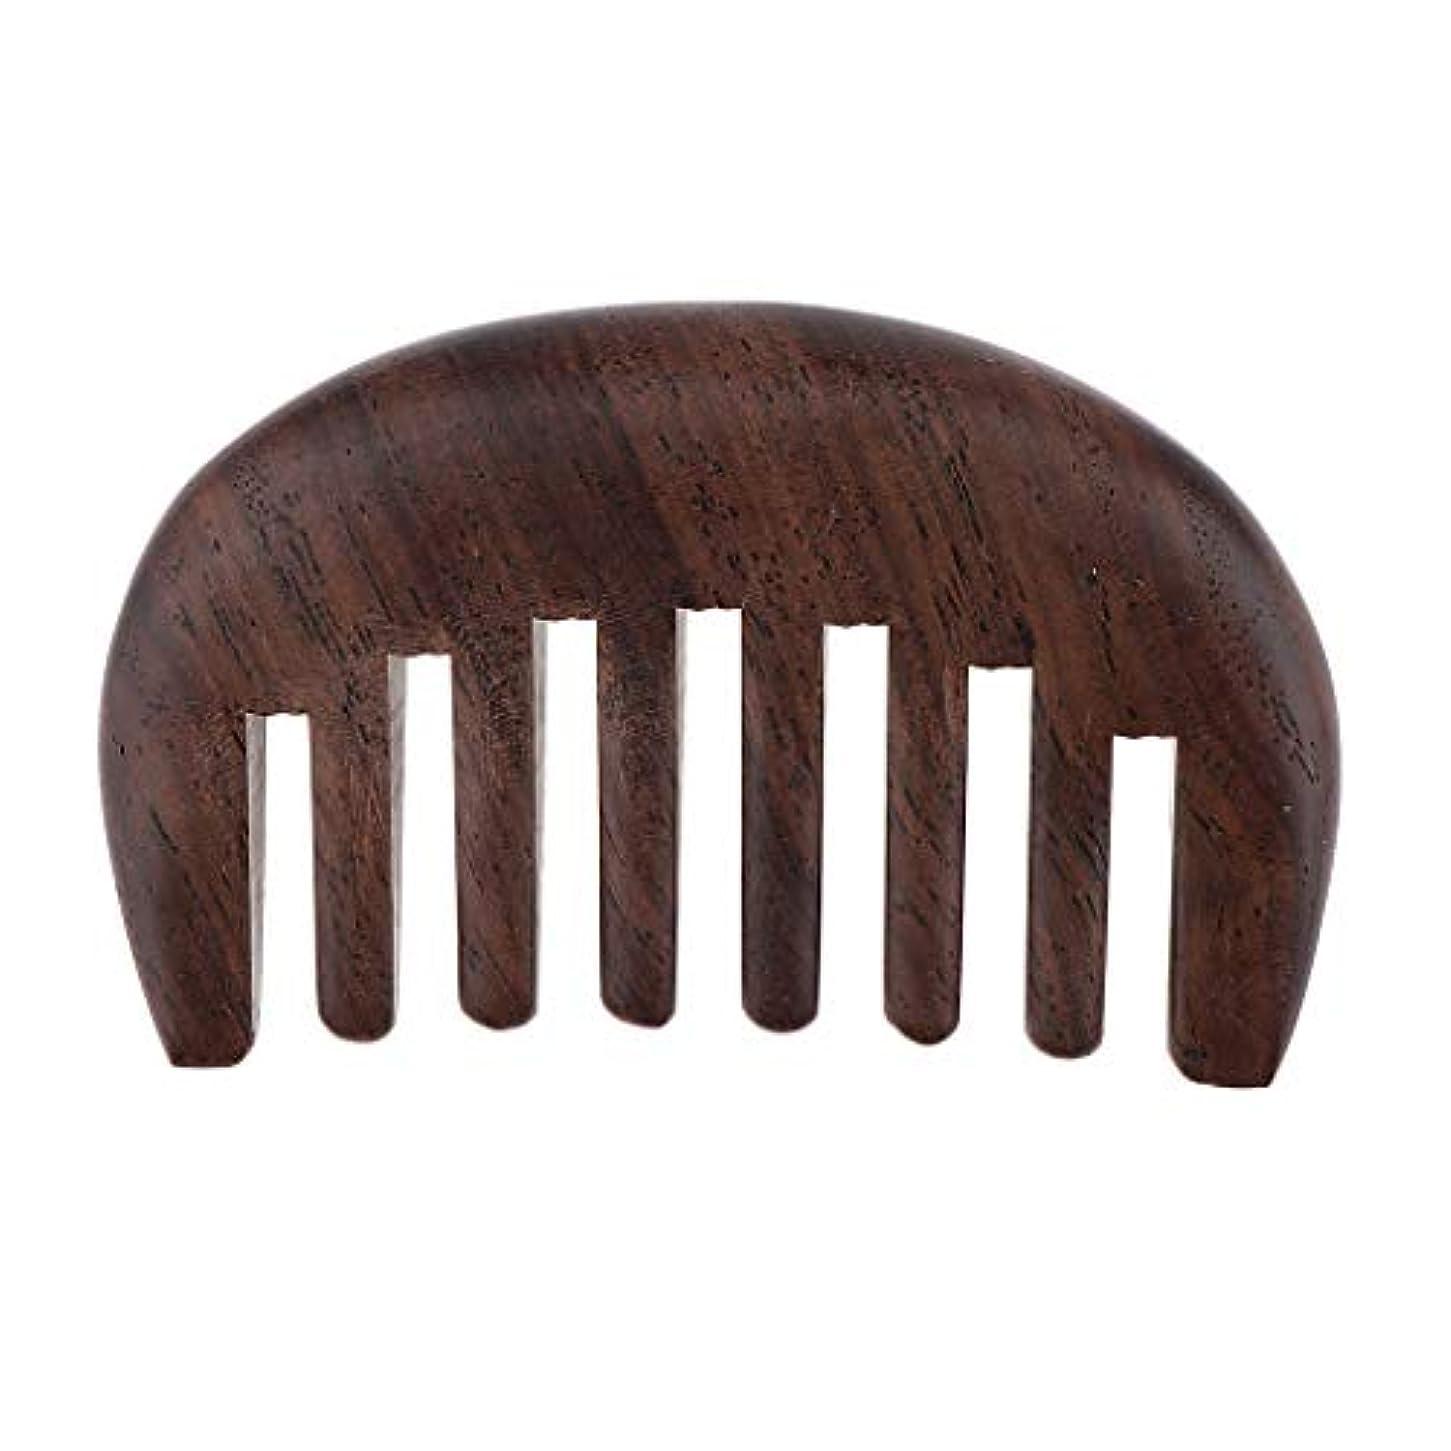 サイバースペースレバー脇にヘアブラシ 木製 ヘアコーム ウッドコーム 帯電防止櫛 ヘアケア くし 櫛 3色選べ - 黒檀